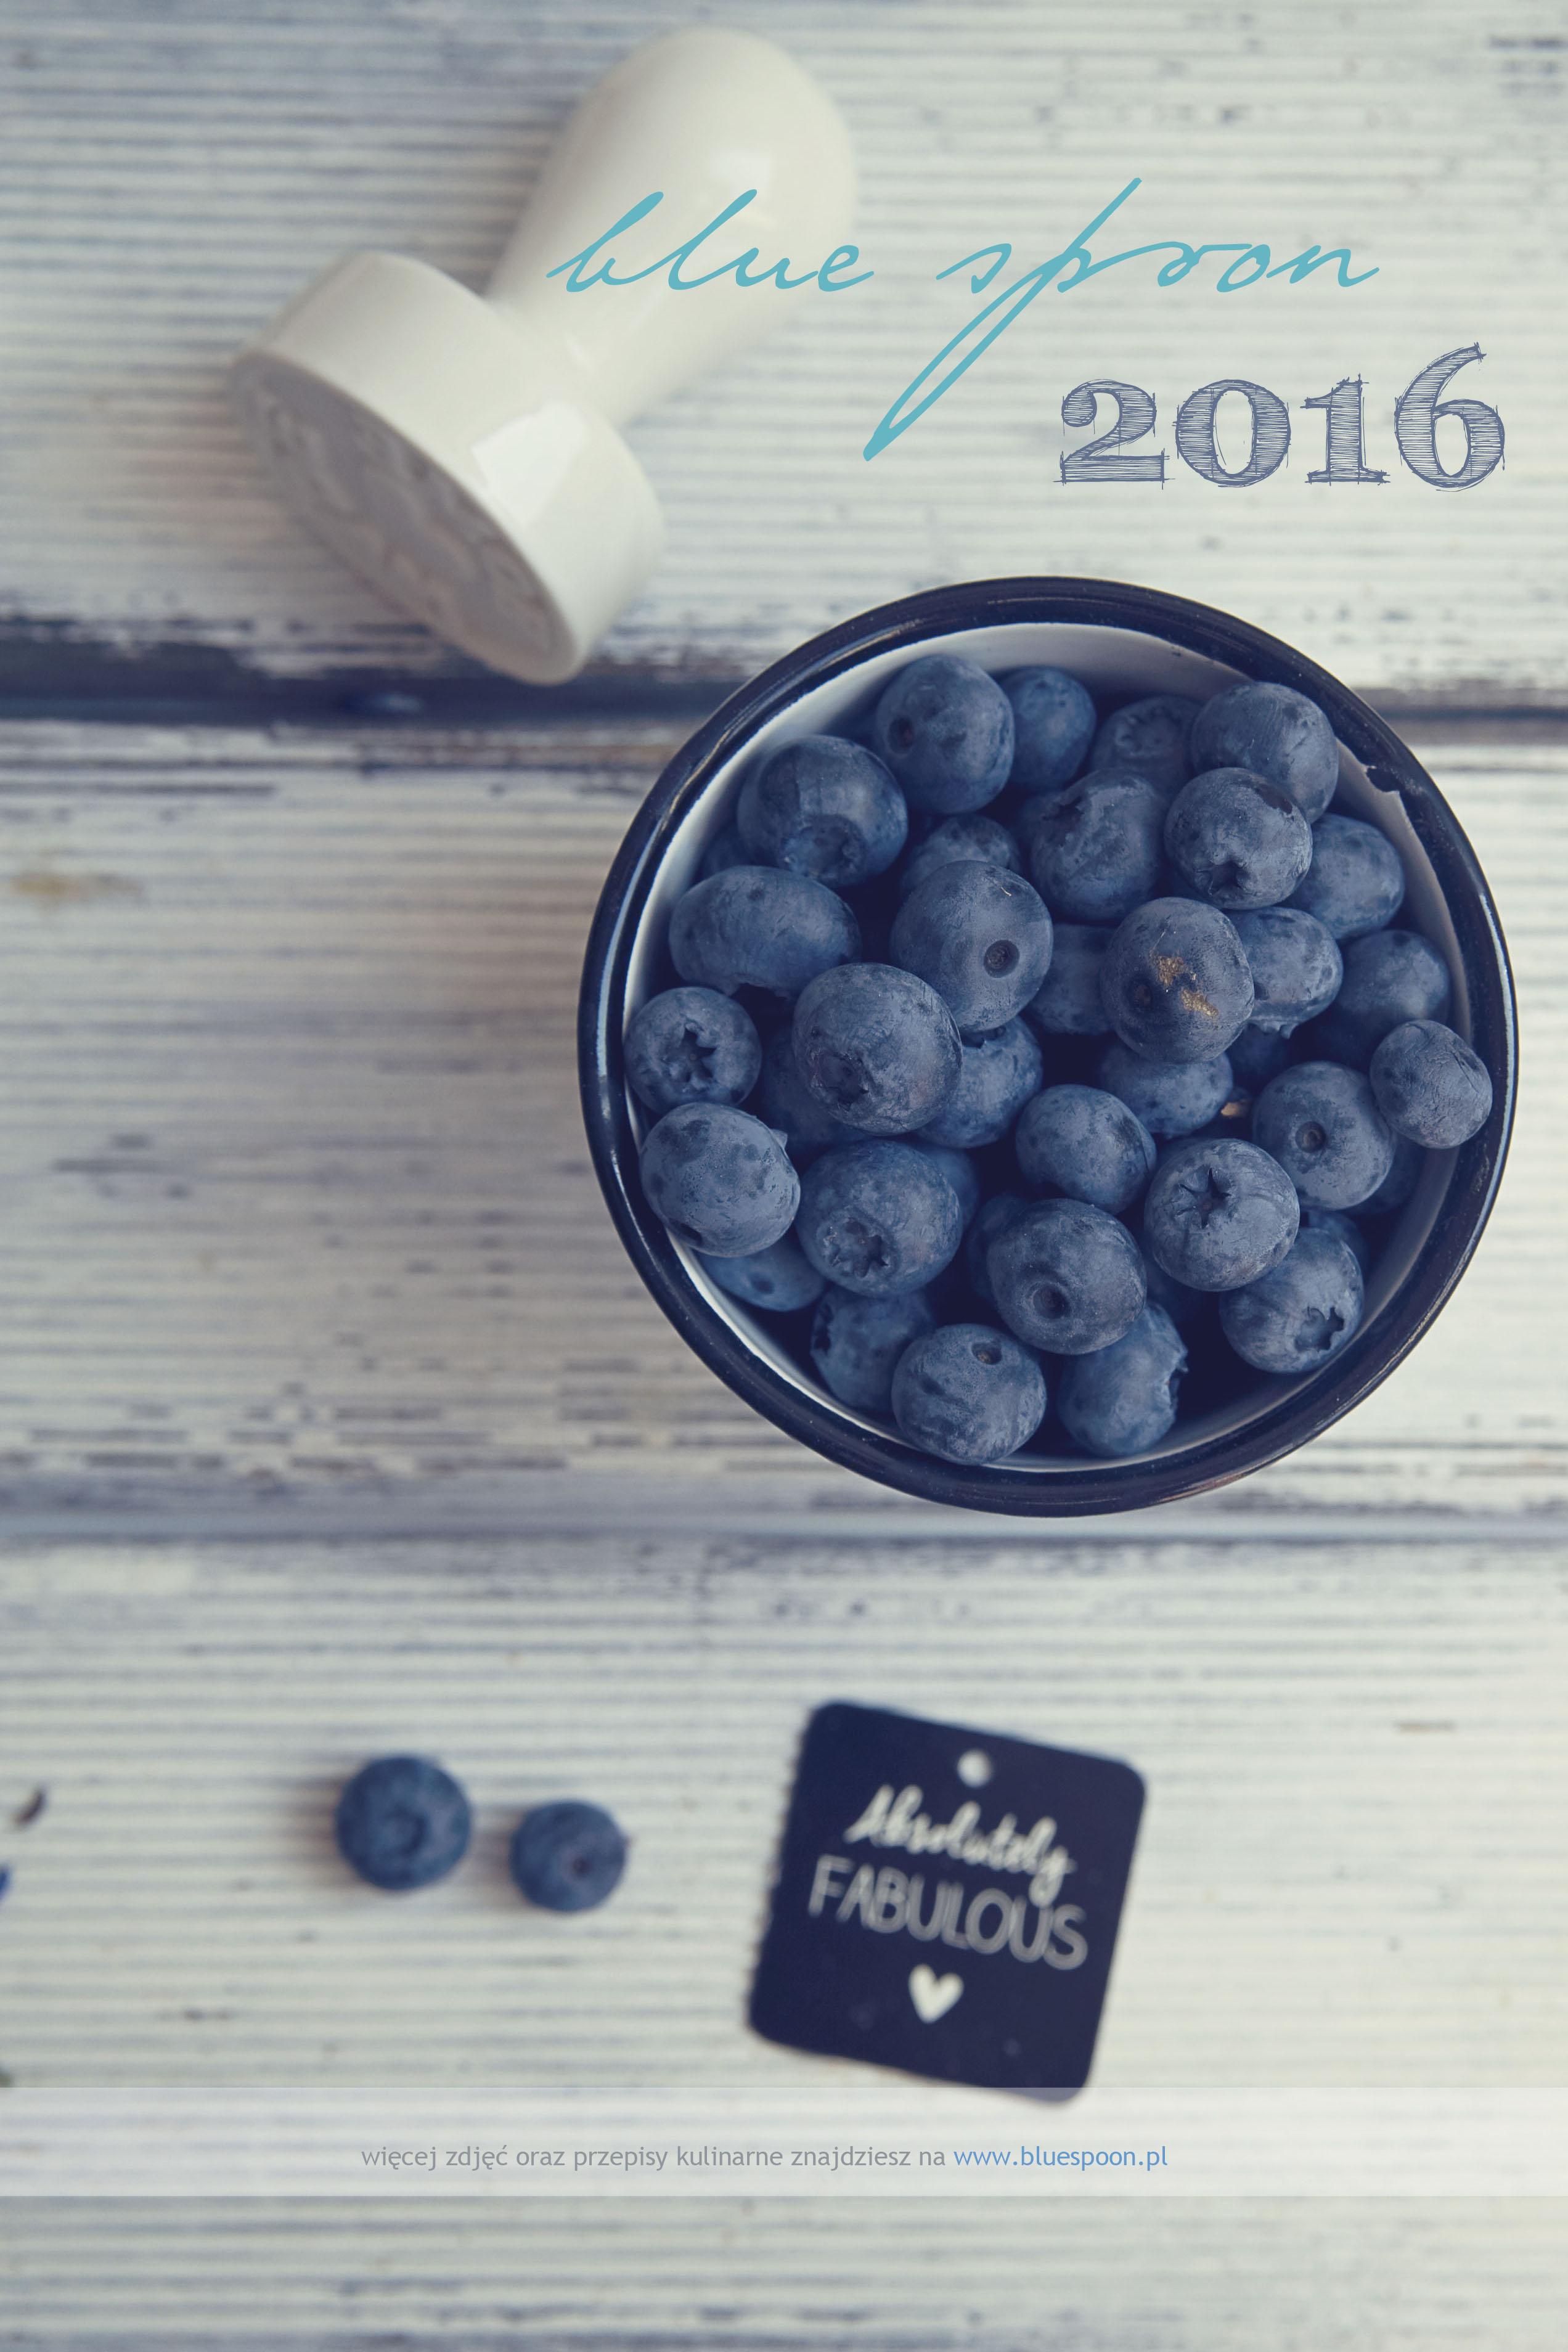 kalendarz bluespoon 2016